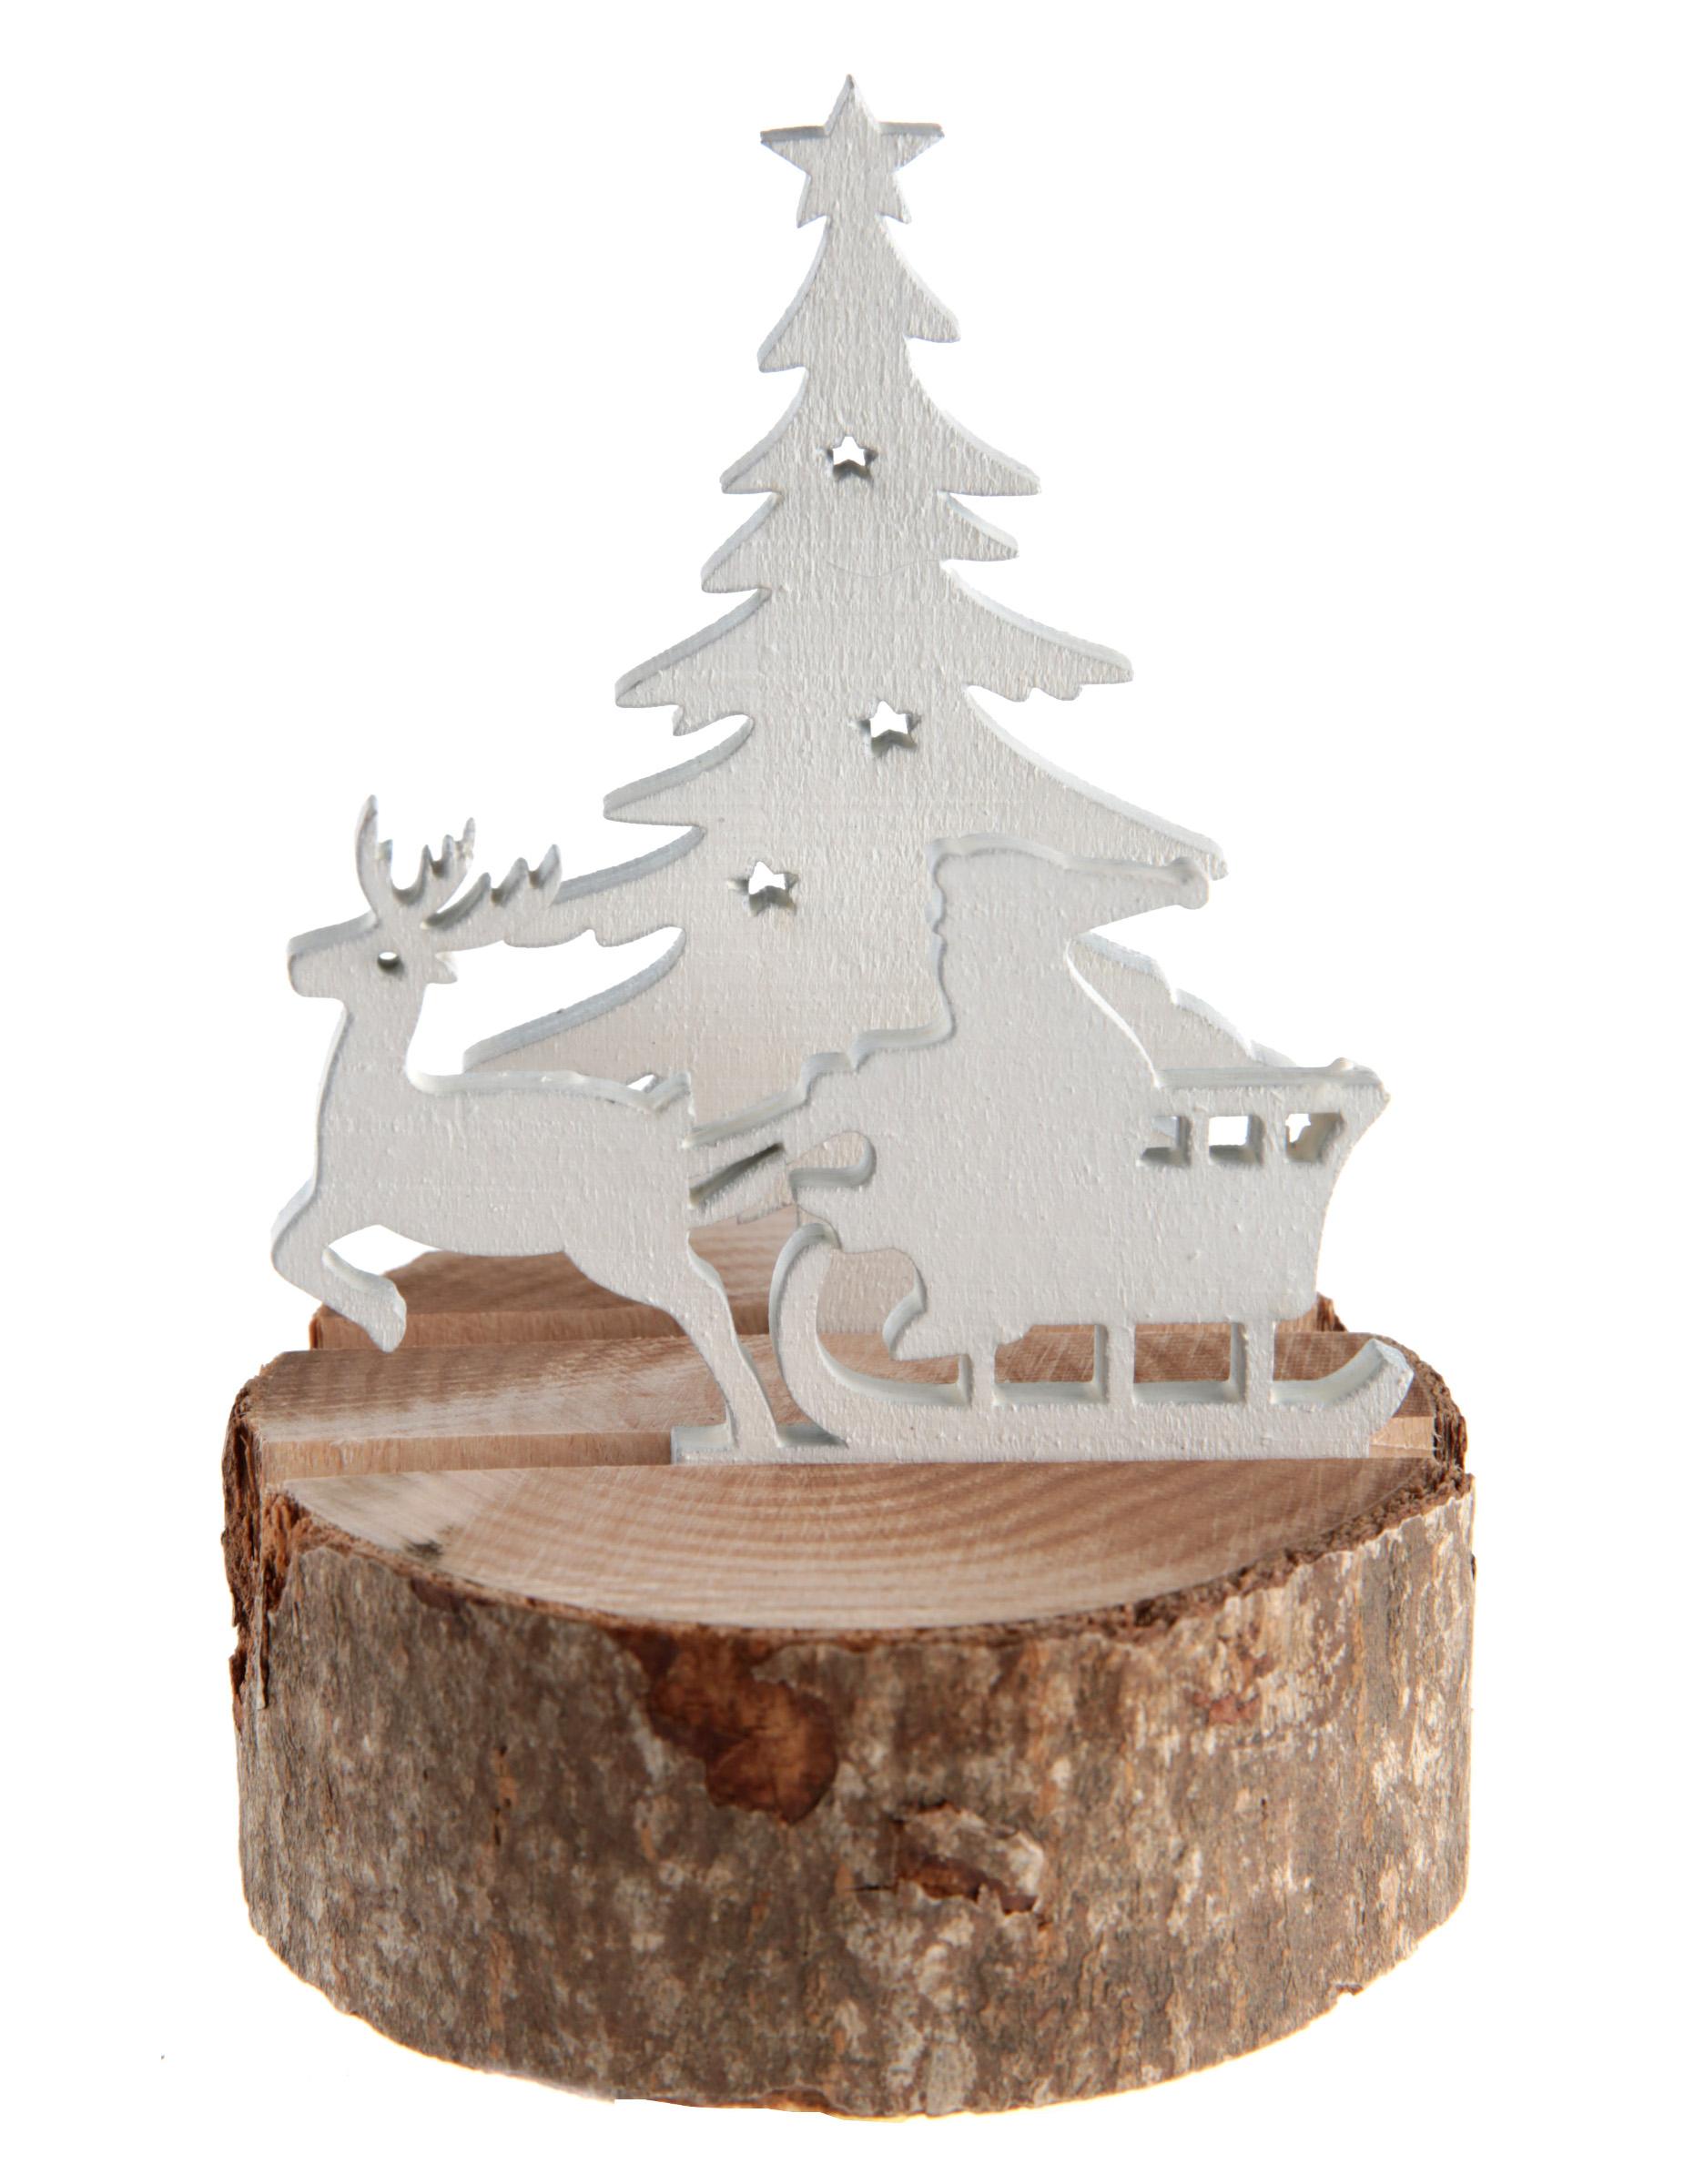 Slitta Di Babbo Natale Fai Da Te.Decorazione In Legno Naturale Slitta Di Babbo Natale Su Vegaooparty